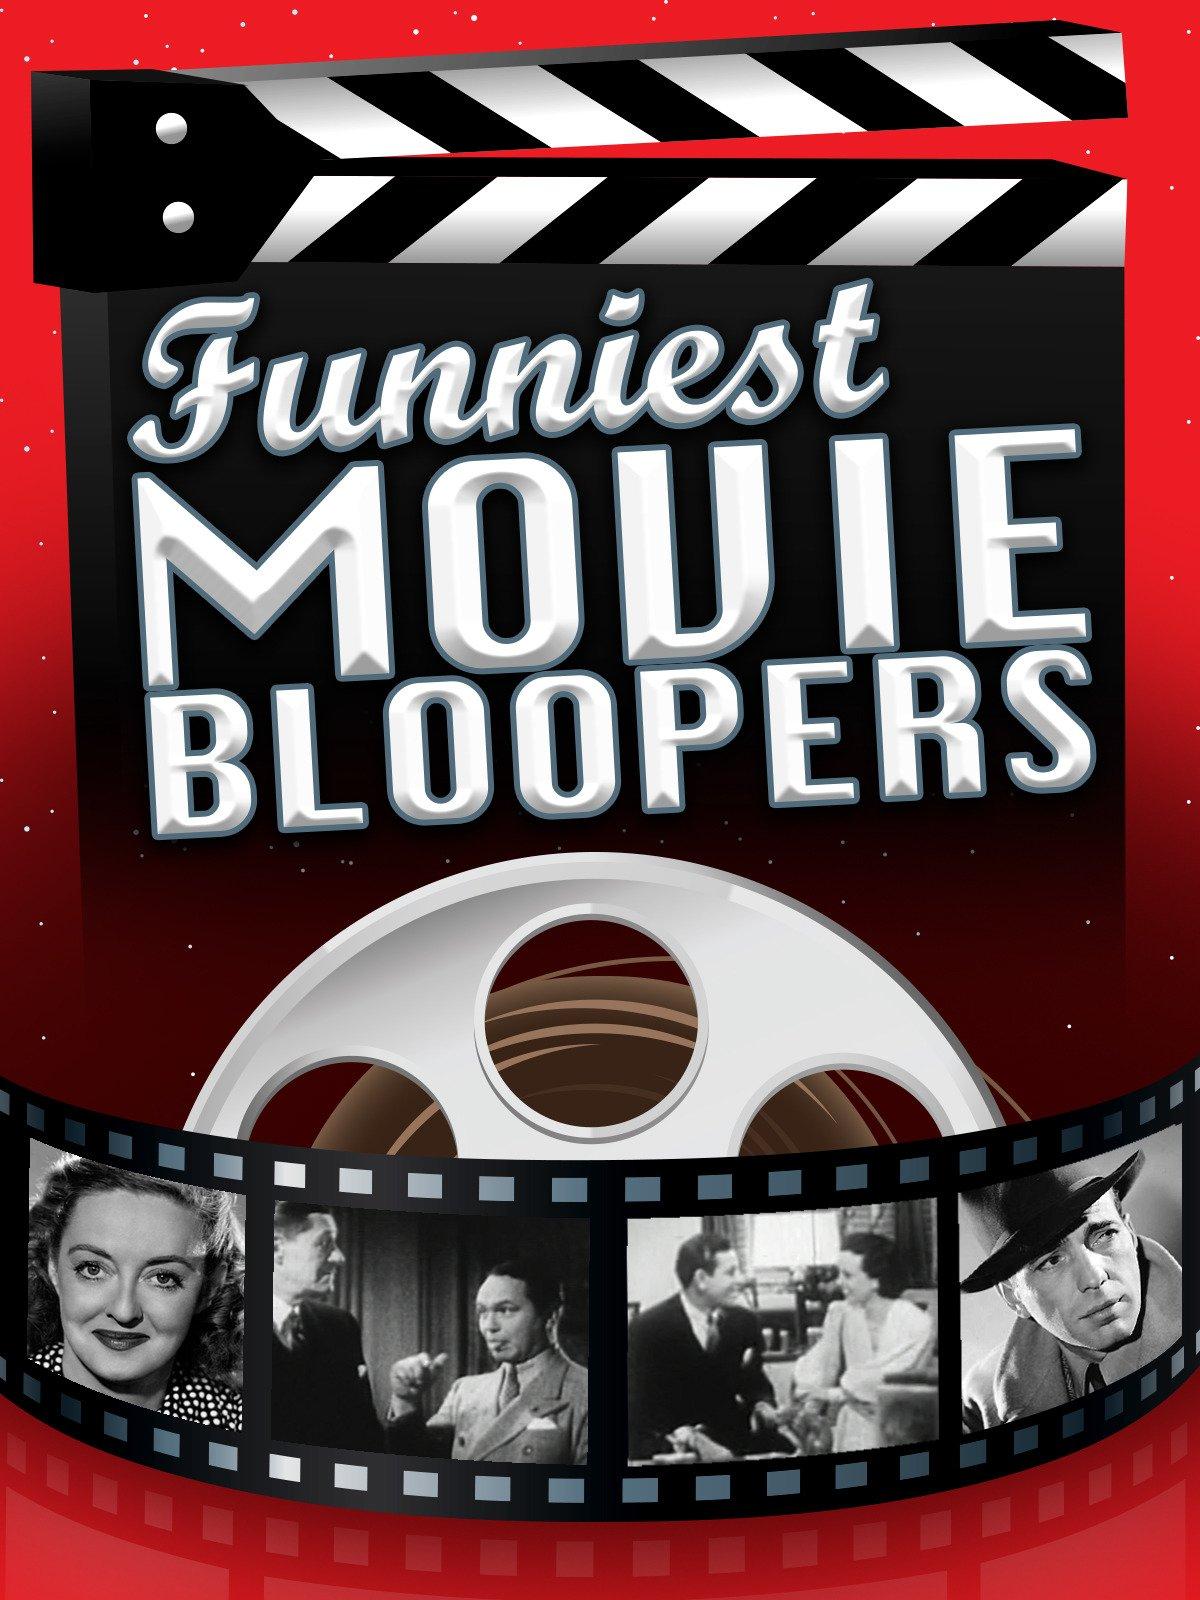 Funniest Movie Bloopers